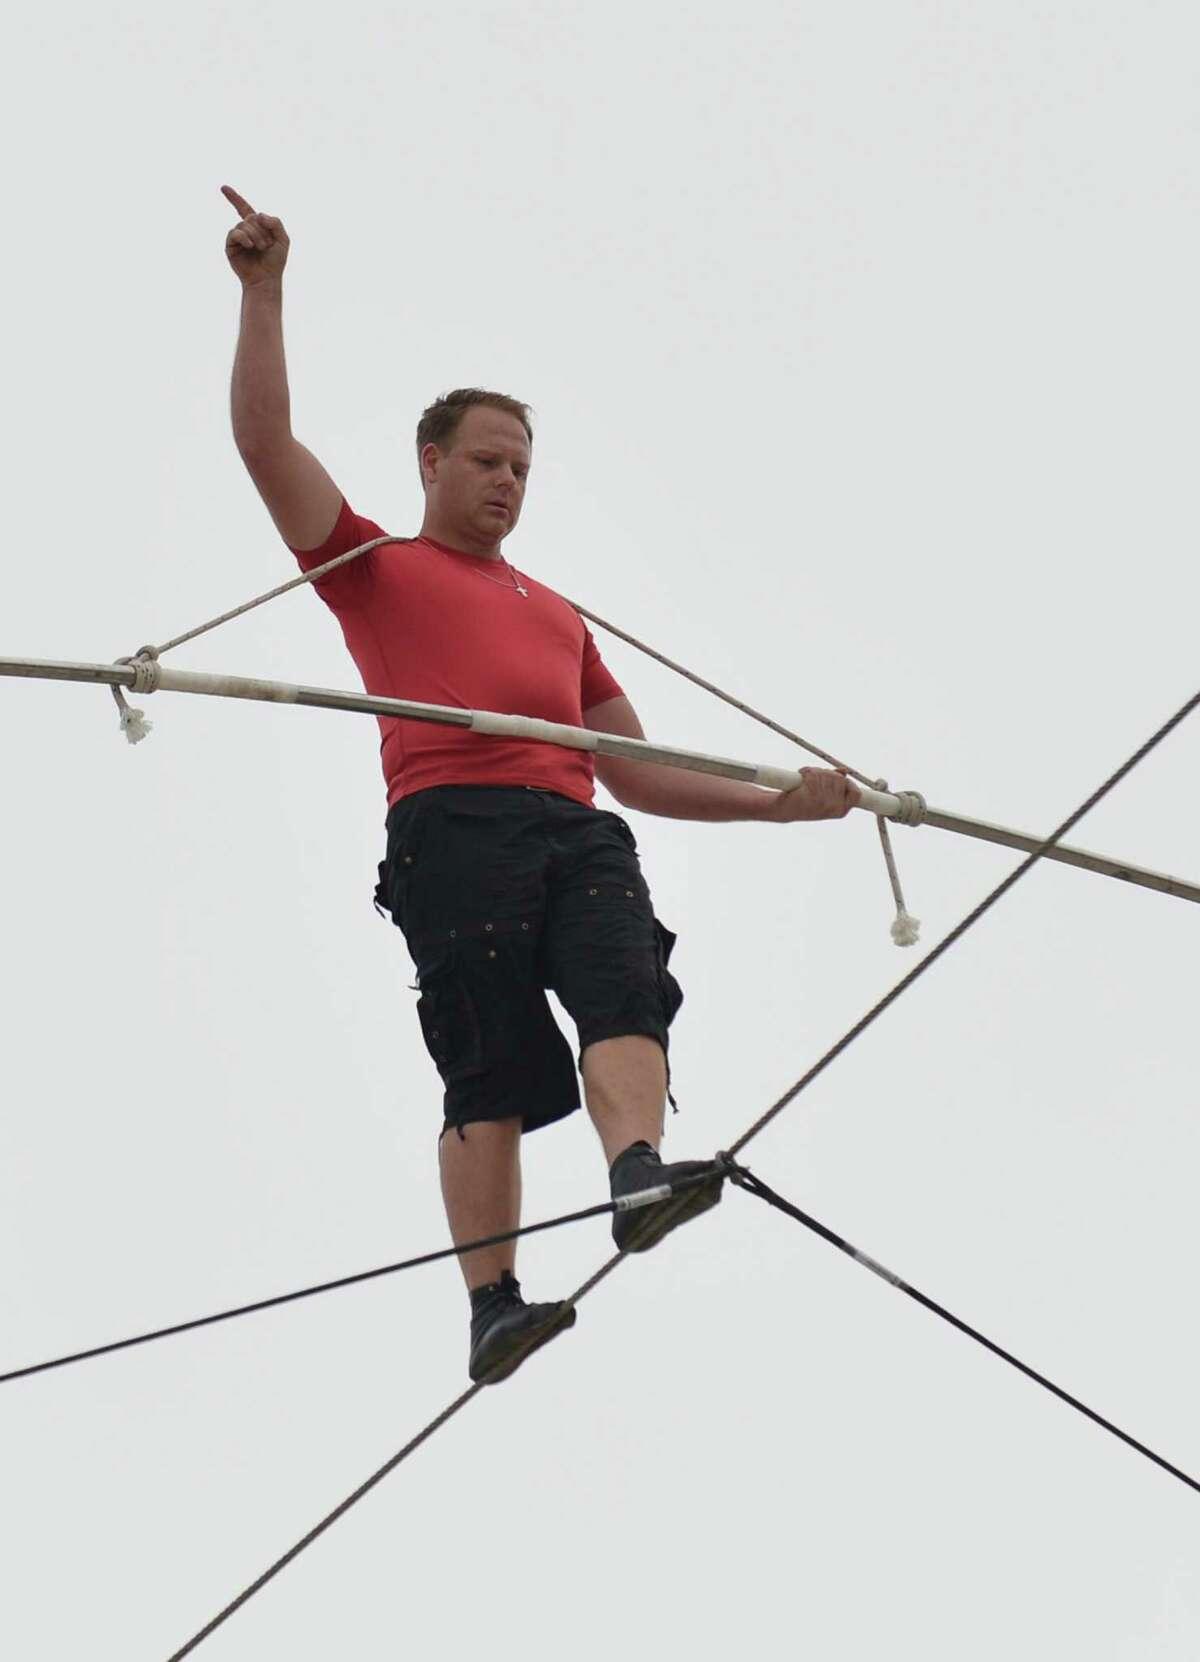 Daredevil Nik Wallenda during his 1,500-foot (457 meters) tightrope walk 100 feet (30.5 meters) above the beach August 9, 2012 in Atlantic City, New Jersey. AFP PHOTO/Stan HONDASTAN HONDA/AFP/GettyImages